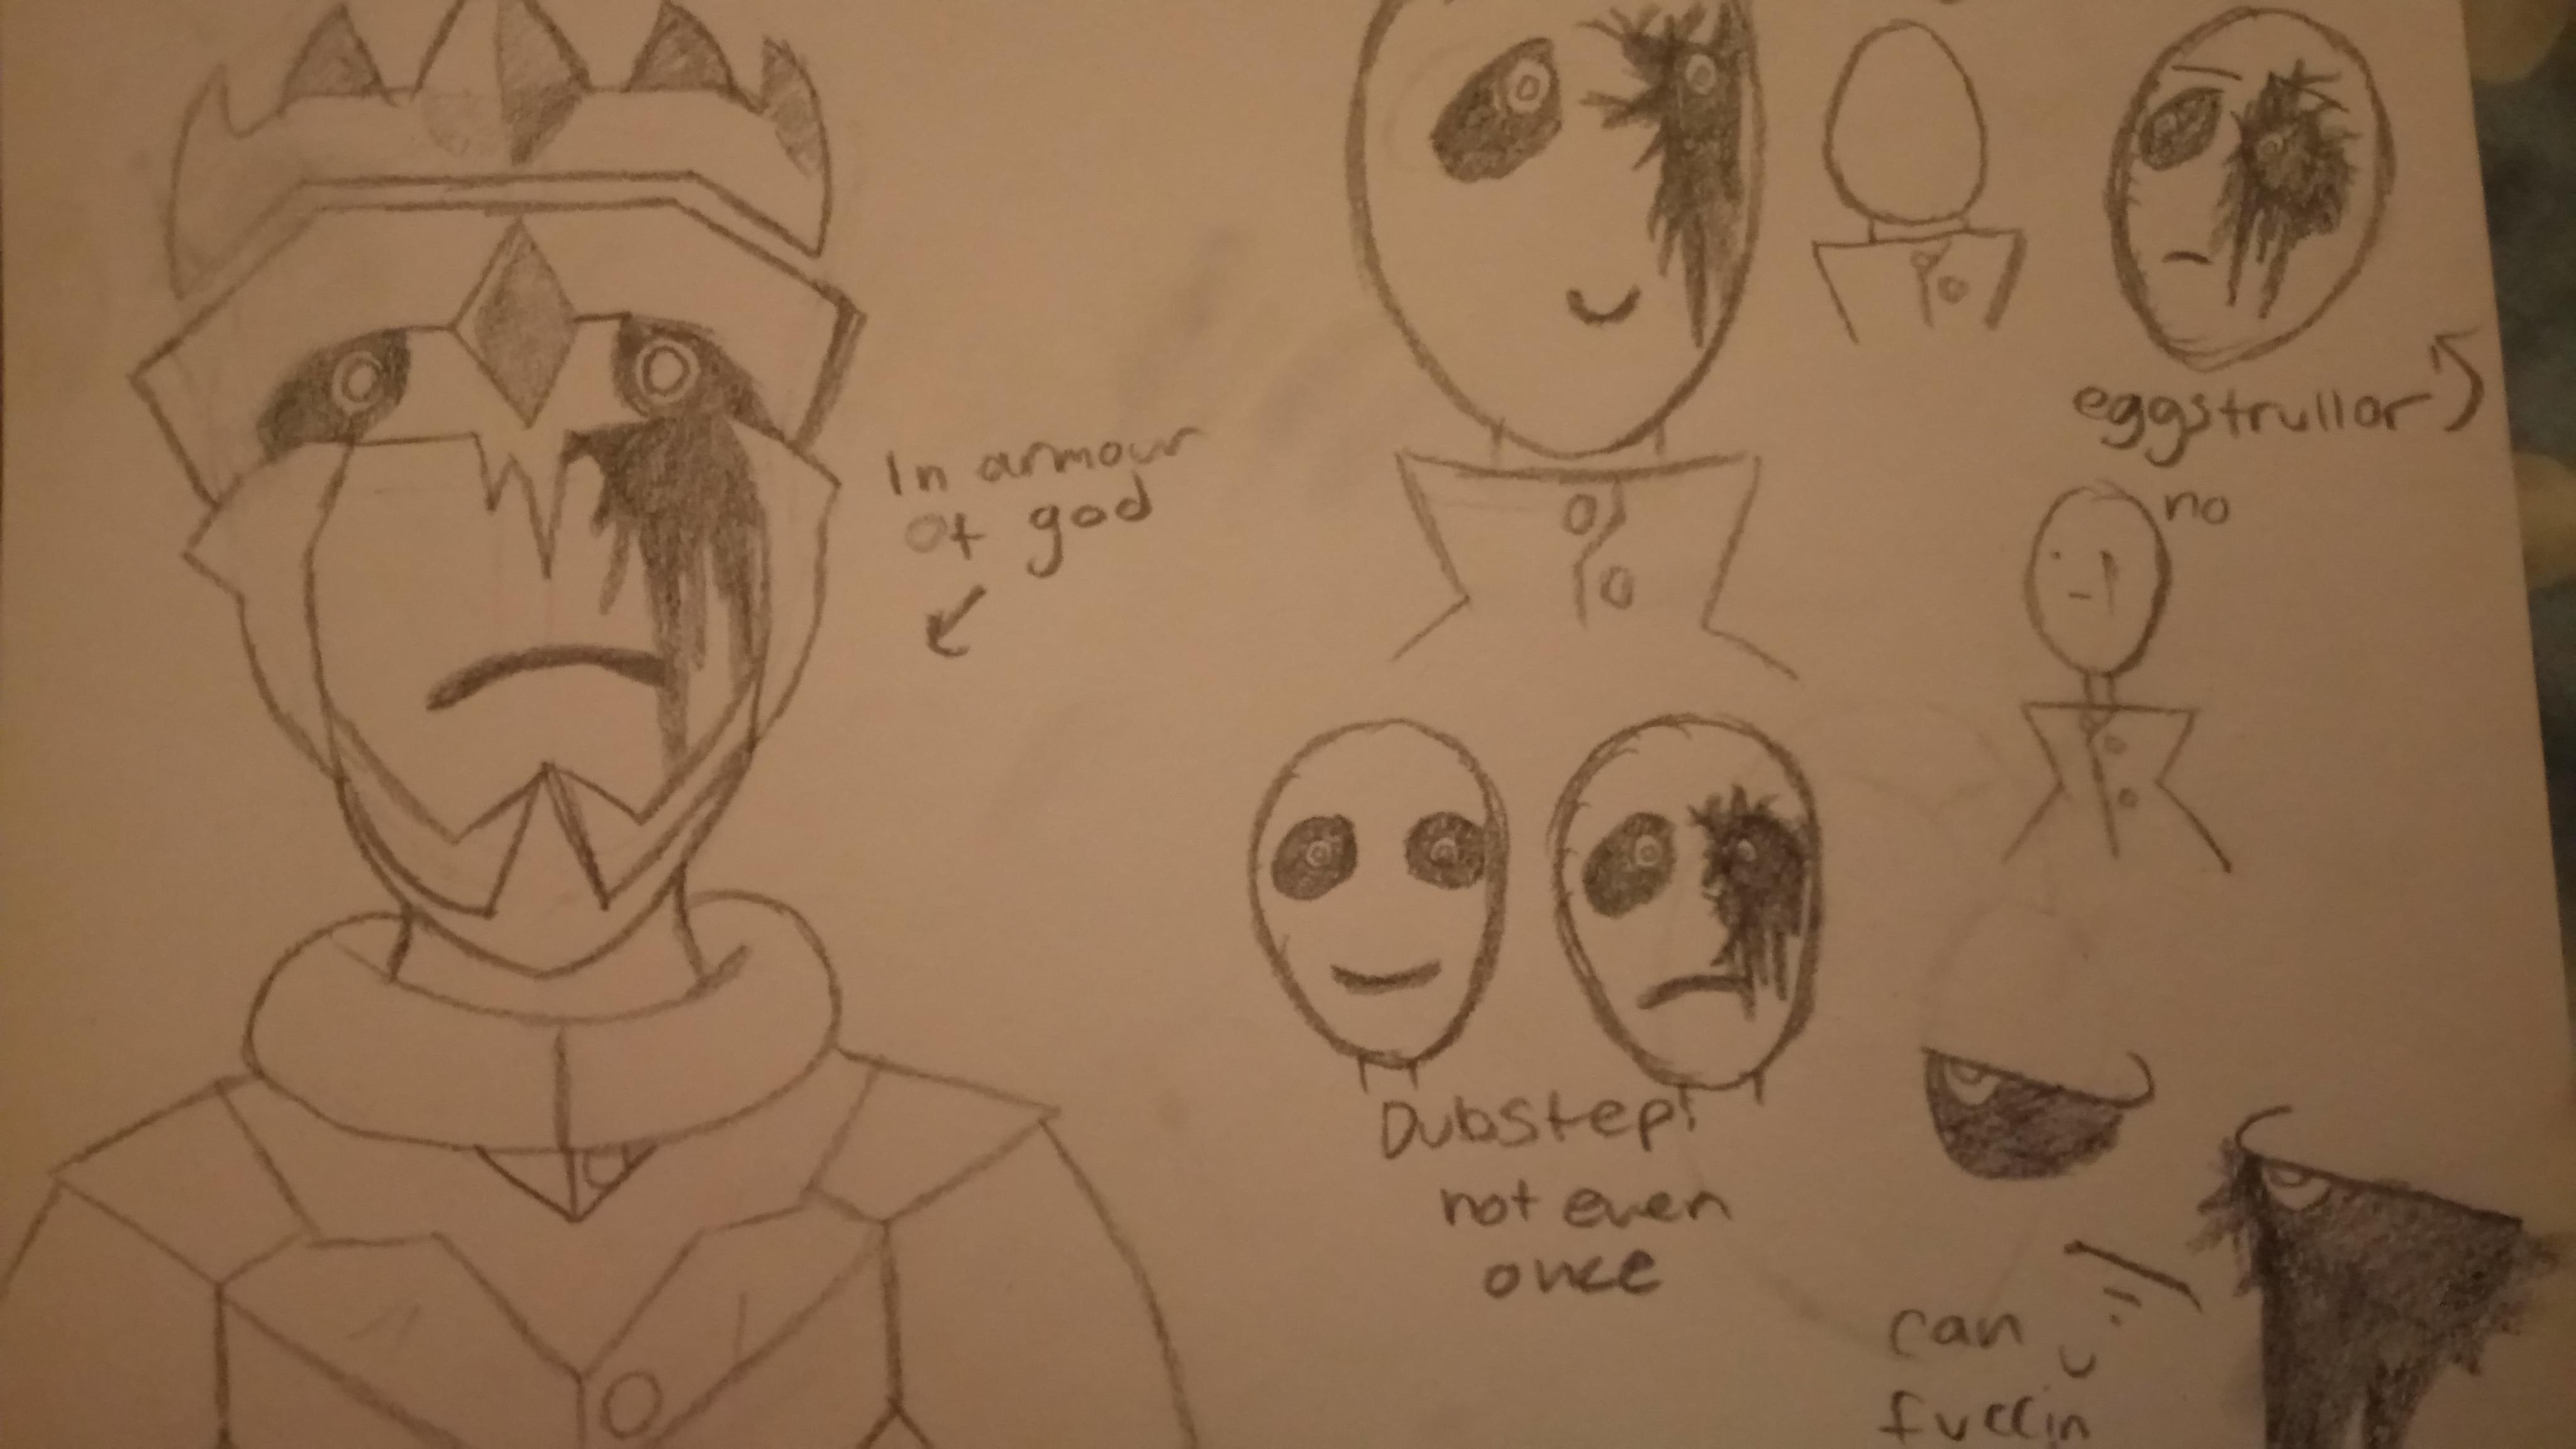 Xtrullor doodled